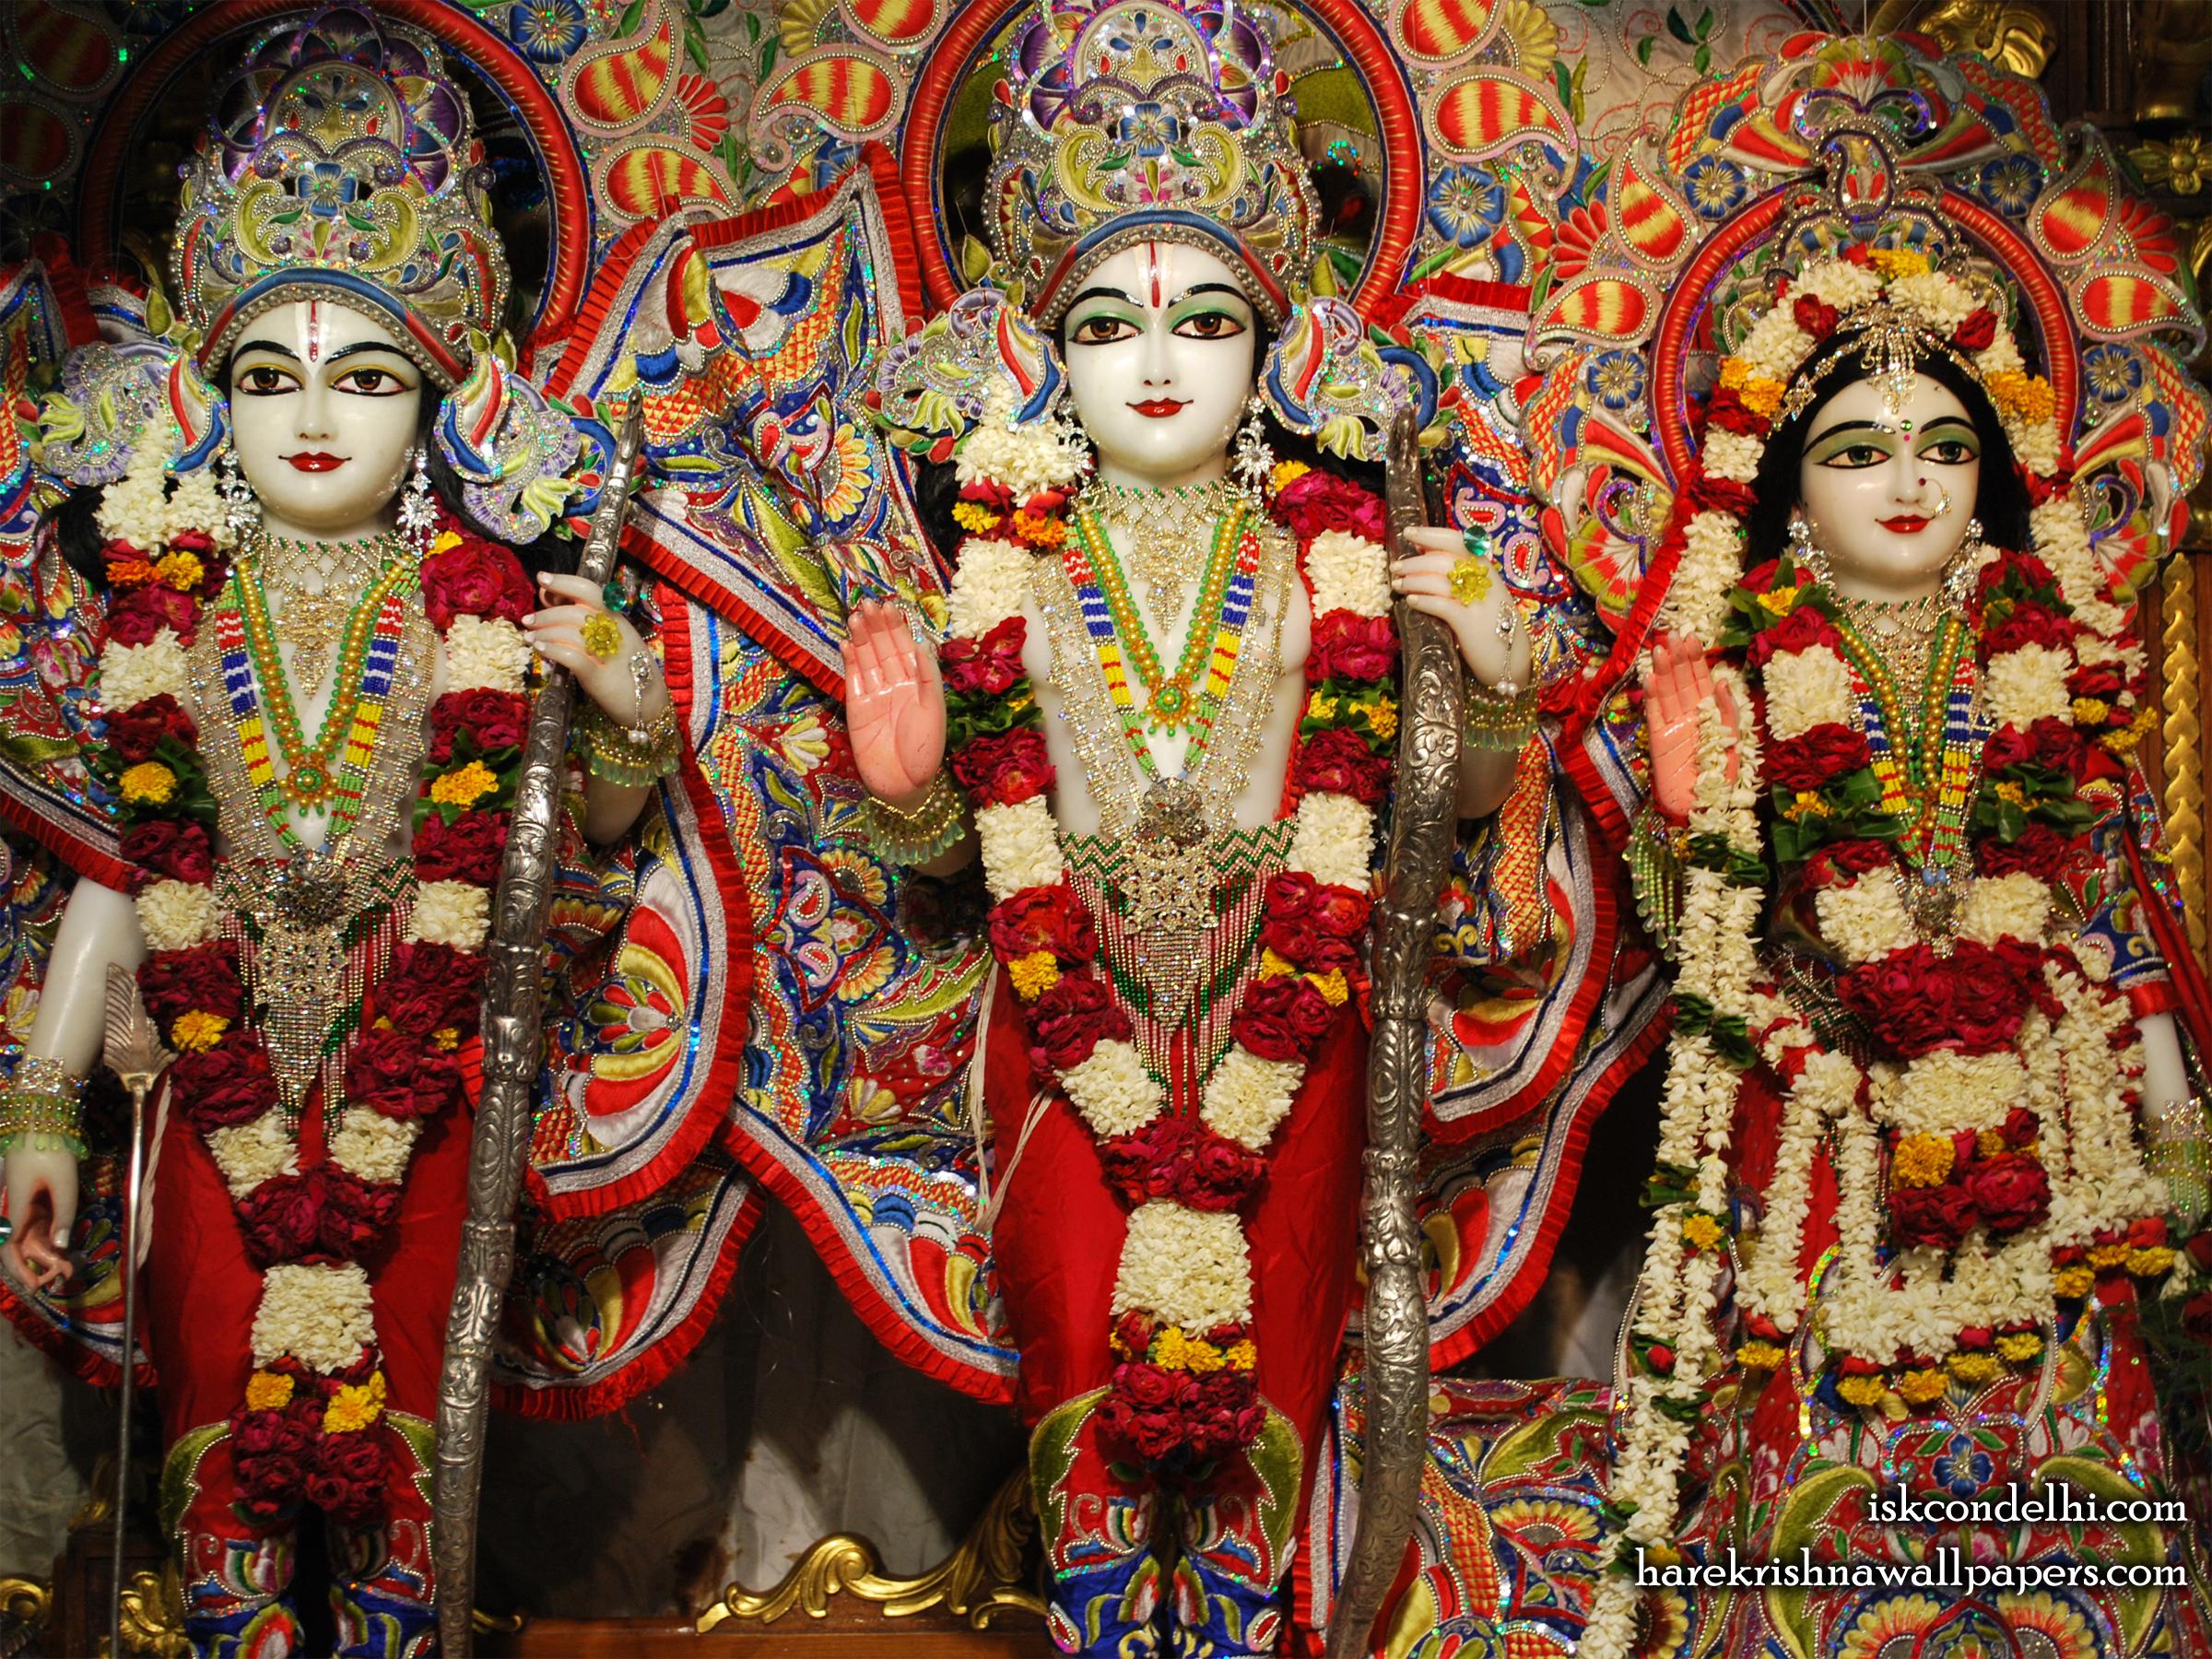 Sri Sri Sita Rama Laxman Wallpaper (008) Size 2400x1800 Download